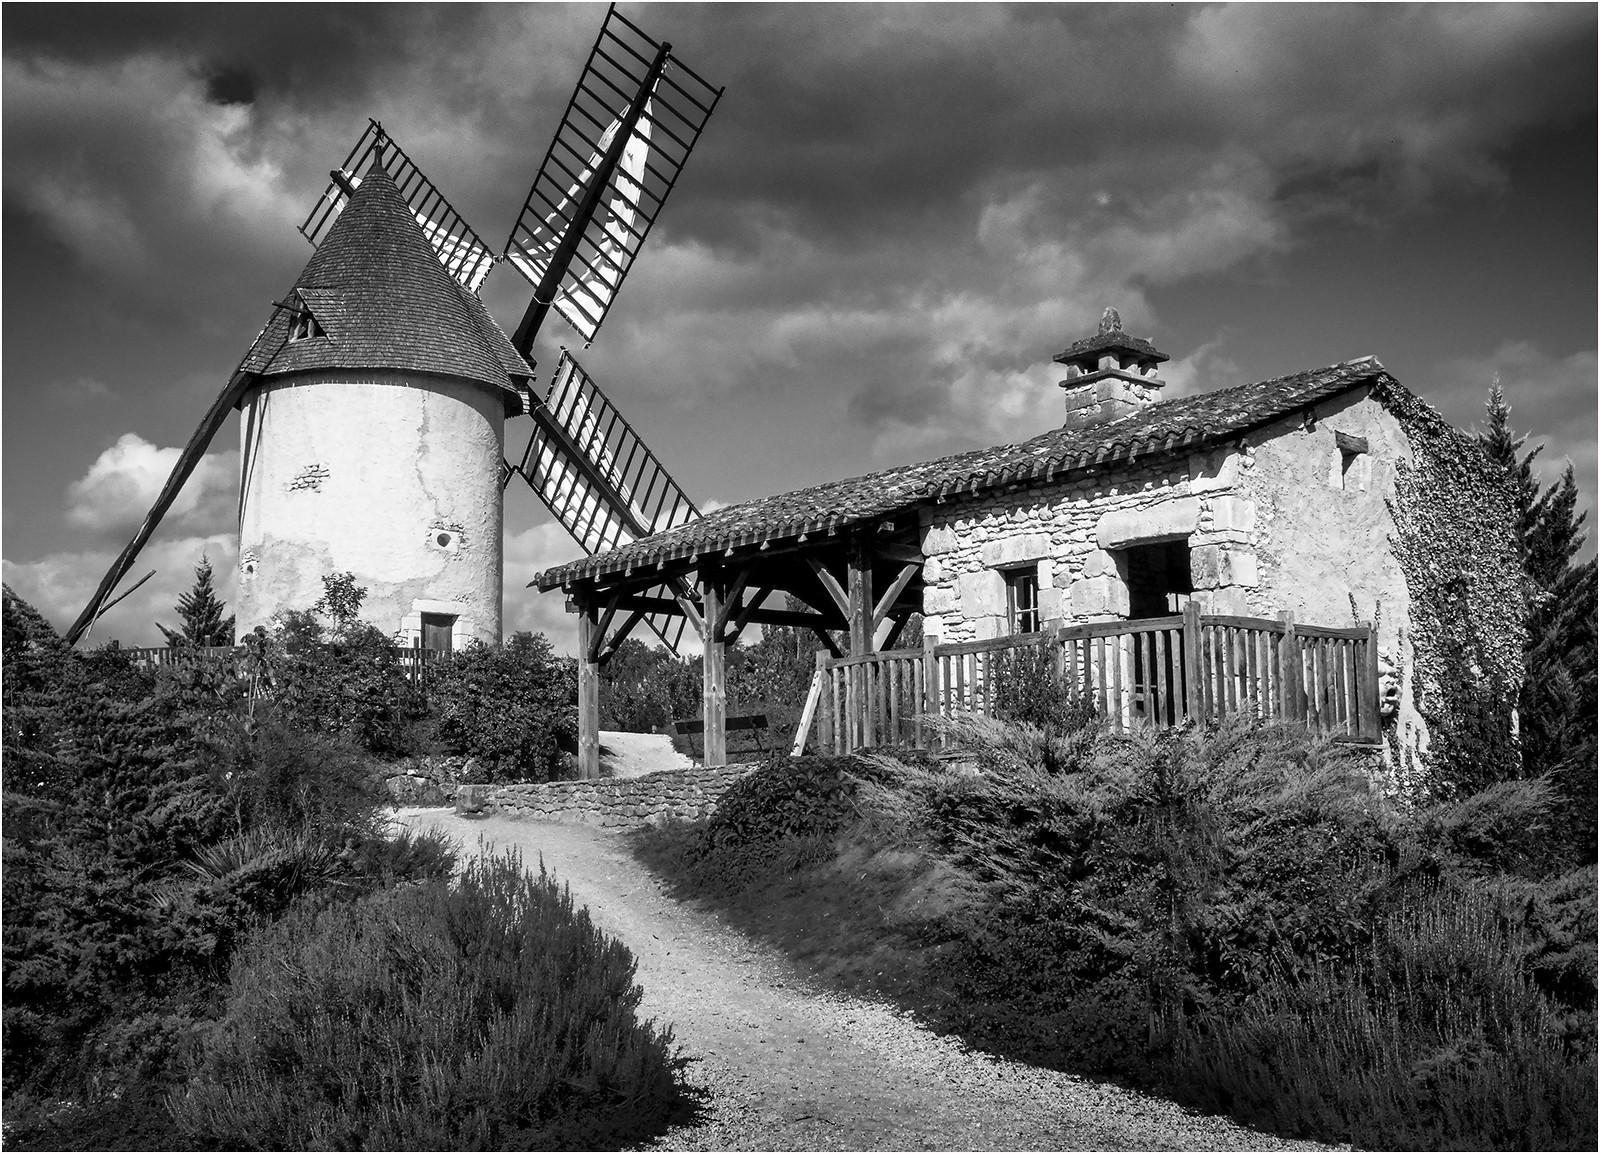 12.Working Windmill